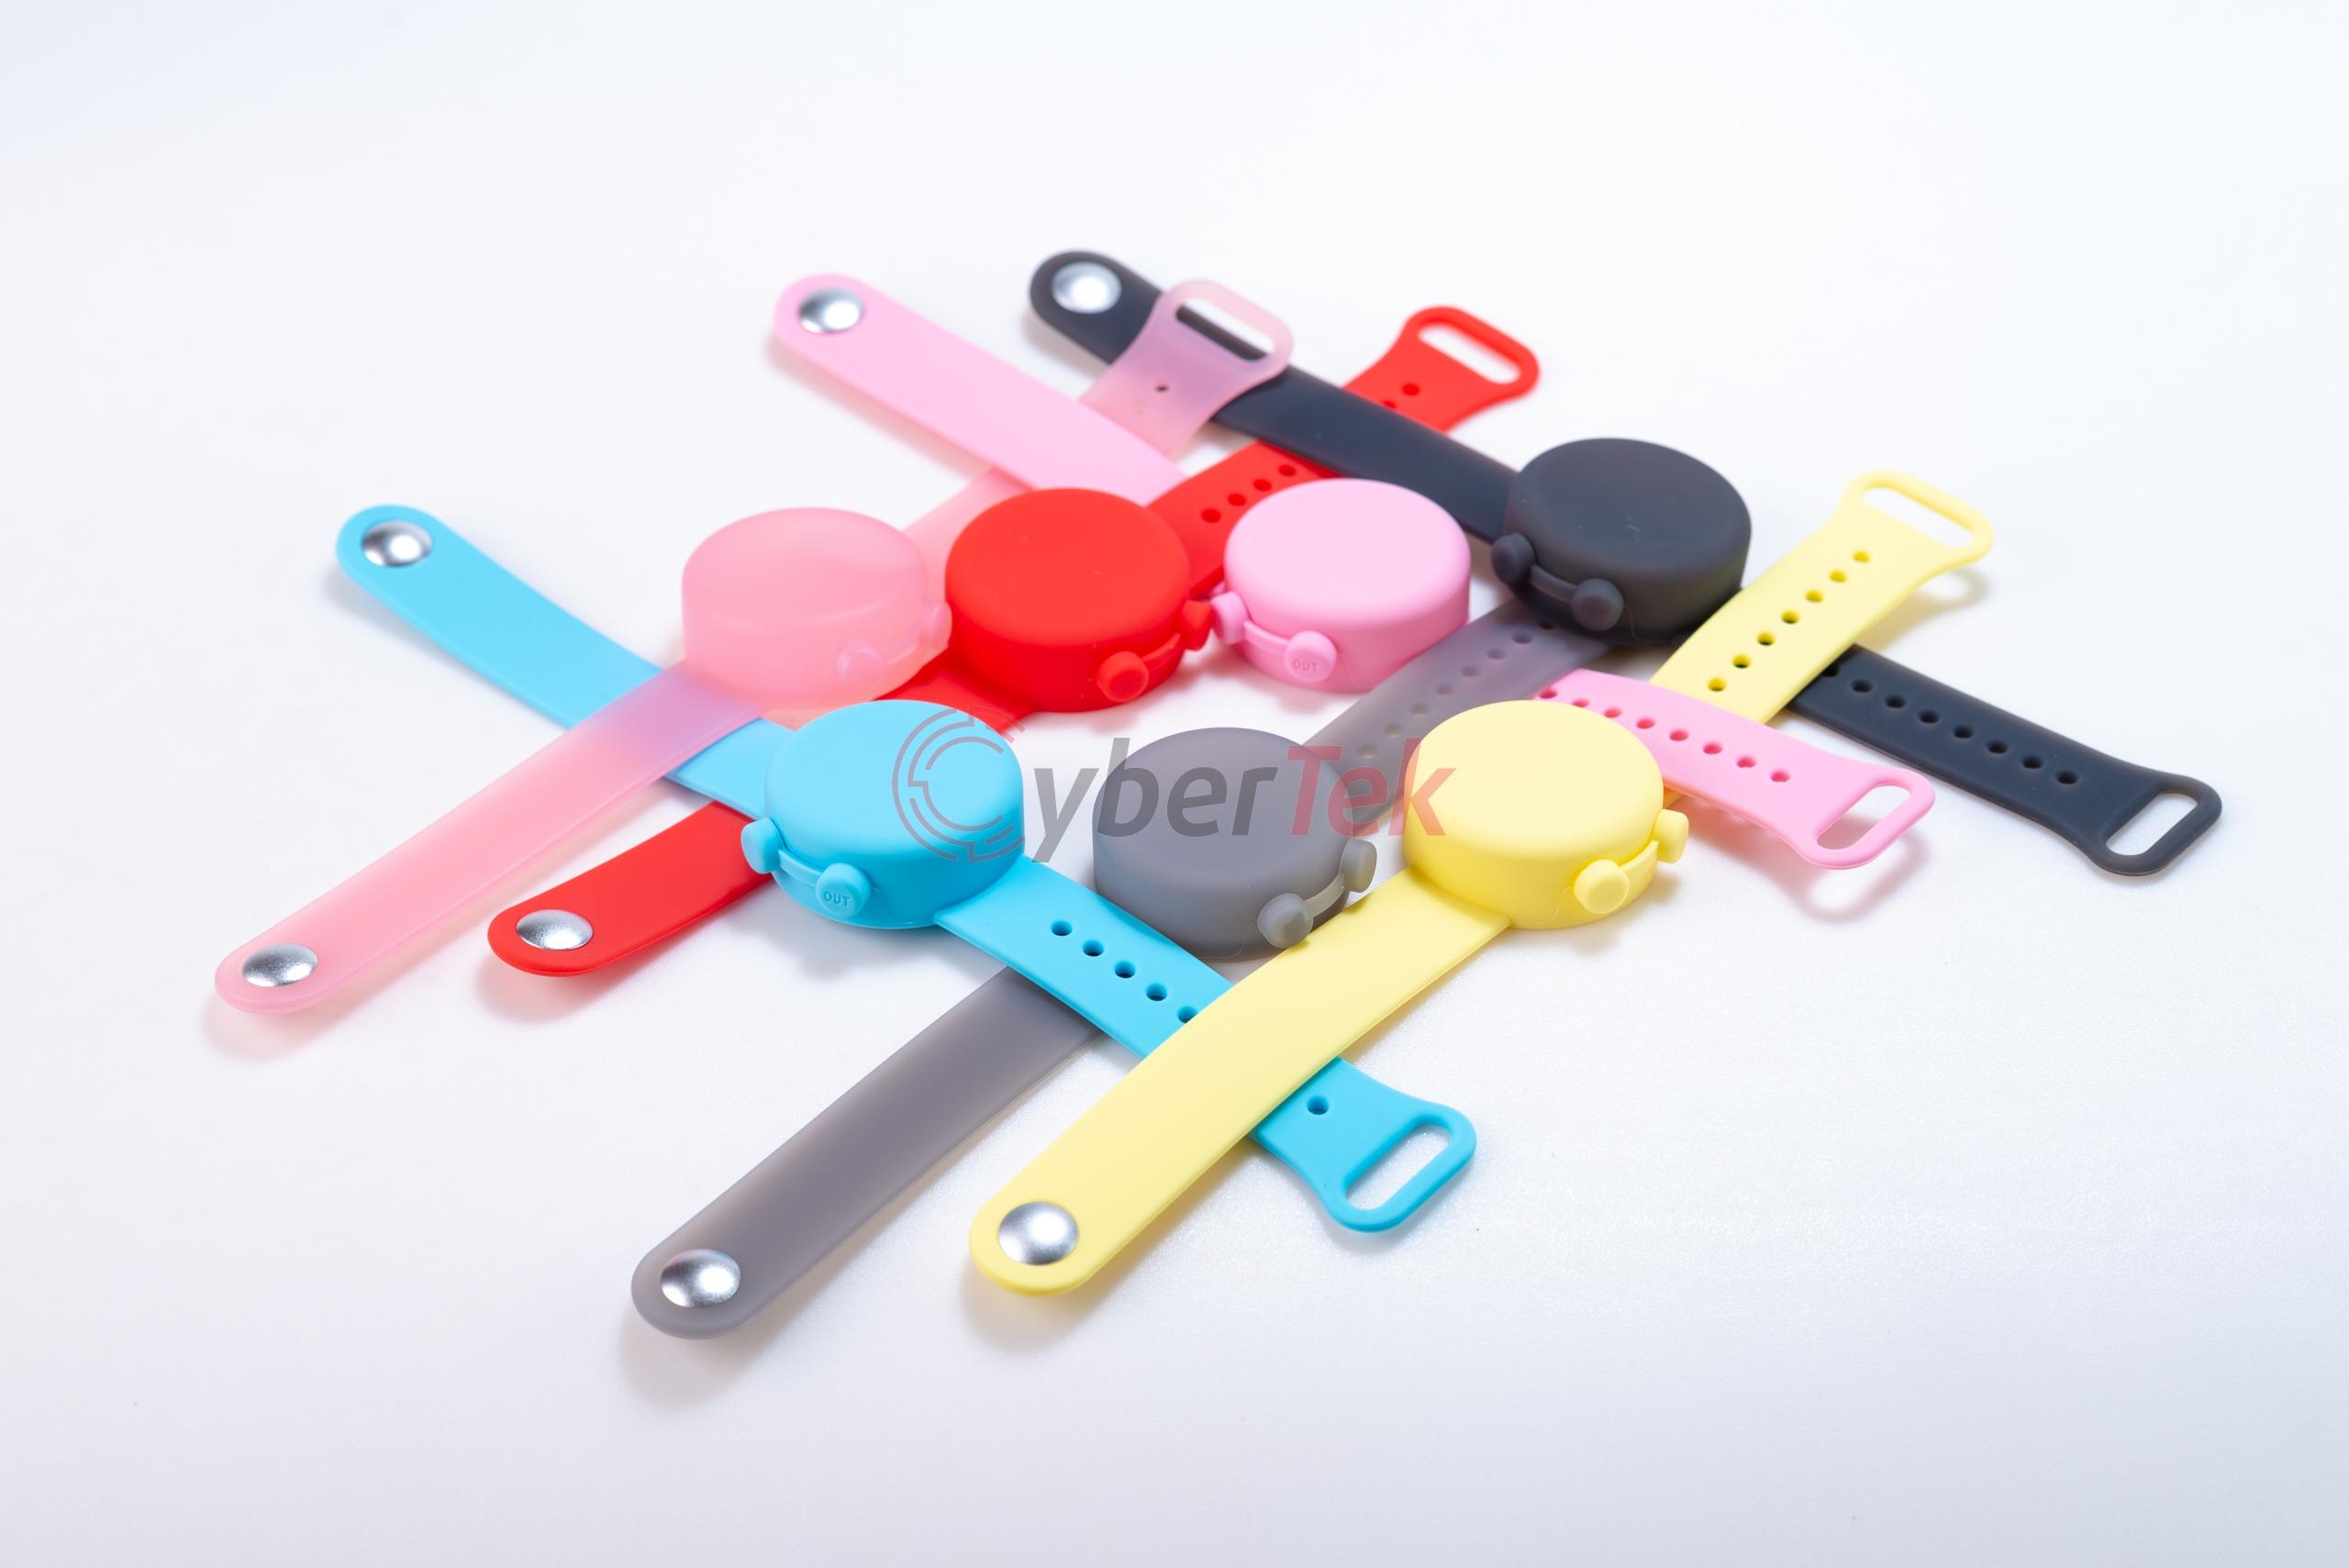 Vòng đeo tay Silicon chứa Gel dung dịch cồn sát khuẩn đạt chuẩn BSCI, CE, RoHS thuận tiện mọi lúc,...